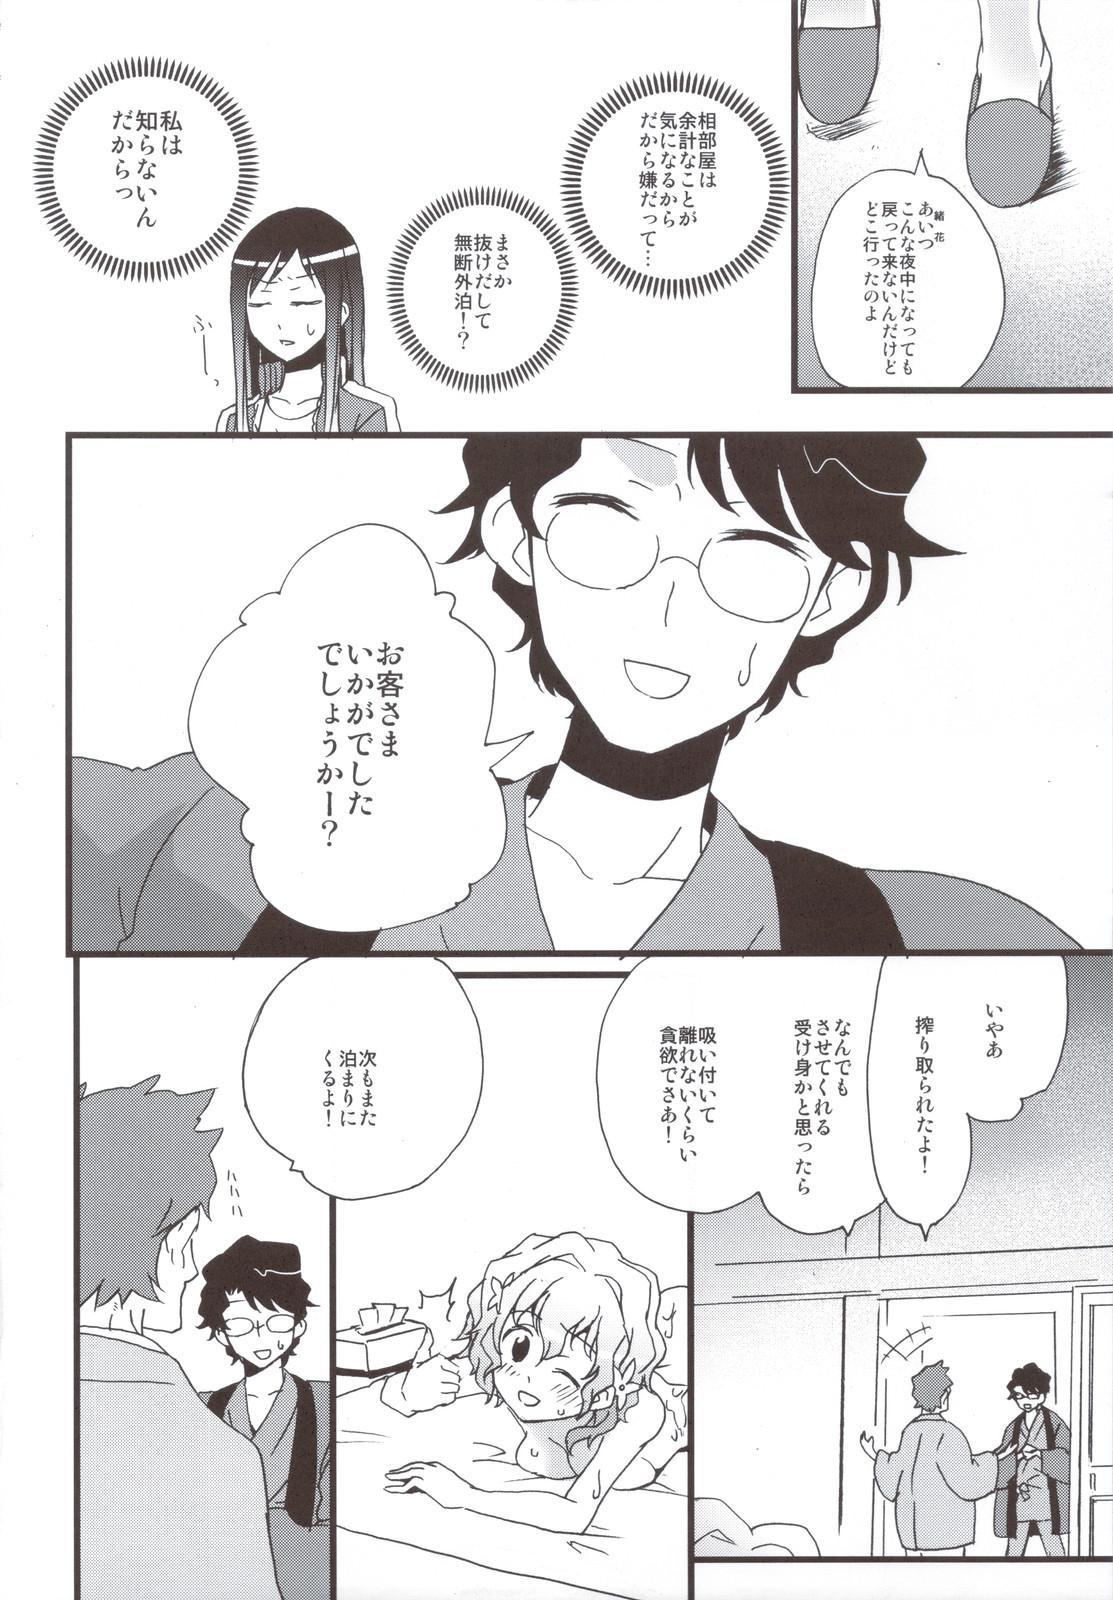 Ohana no Iroha 27